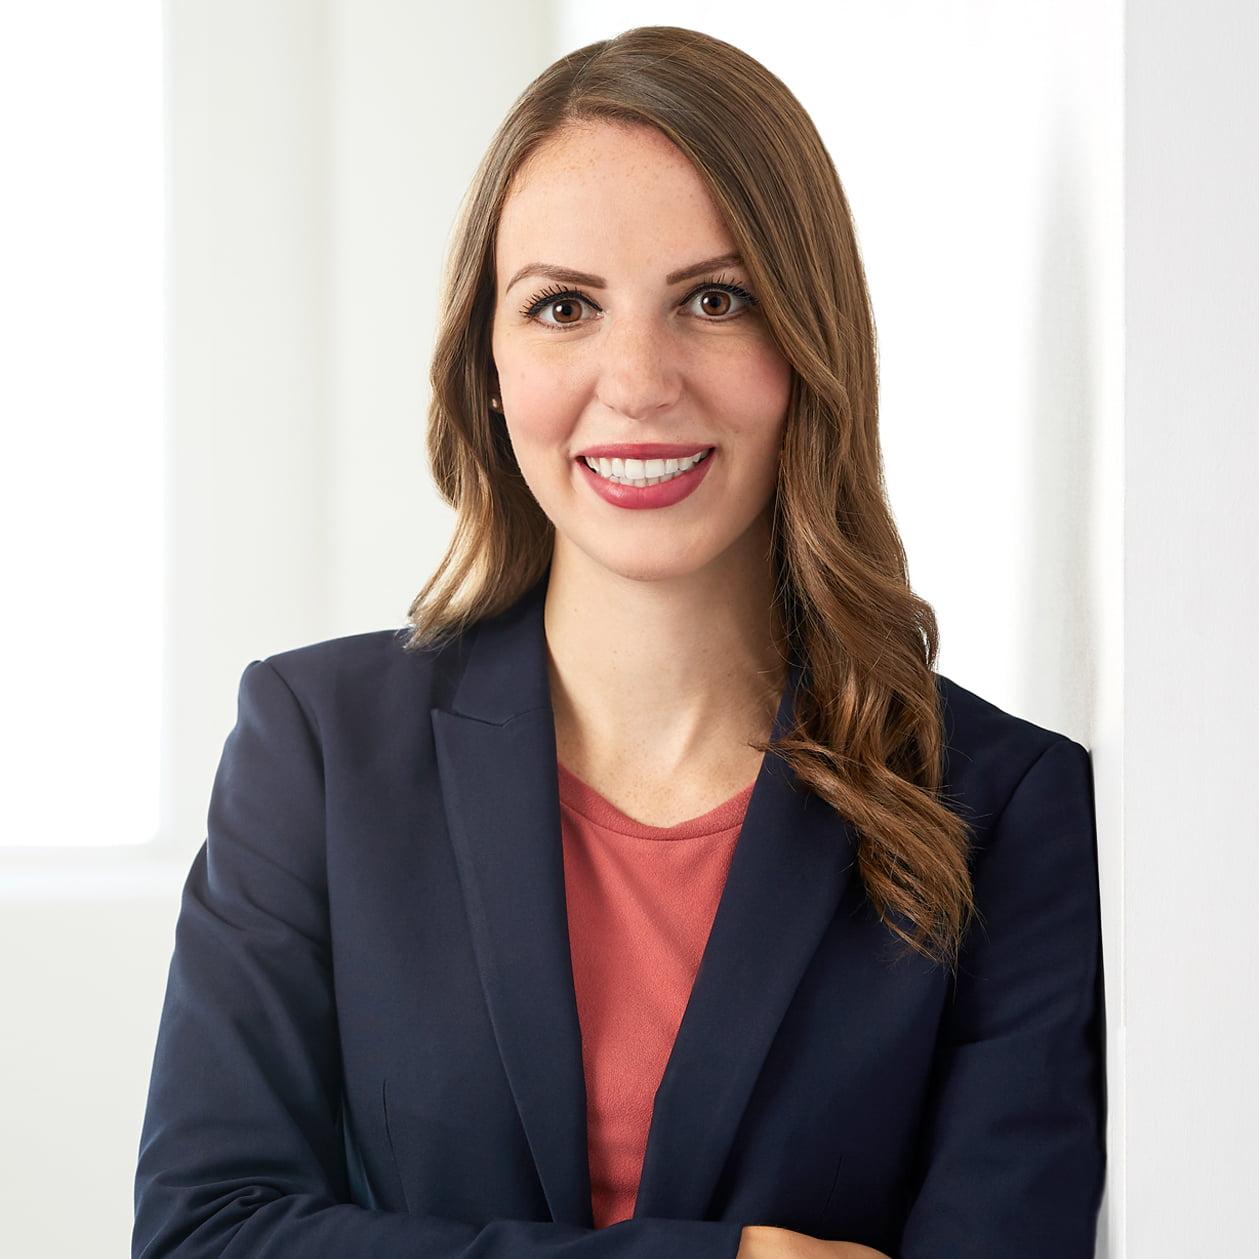 Nicole Deniset